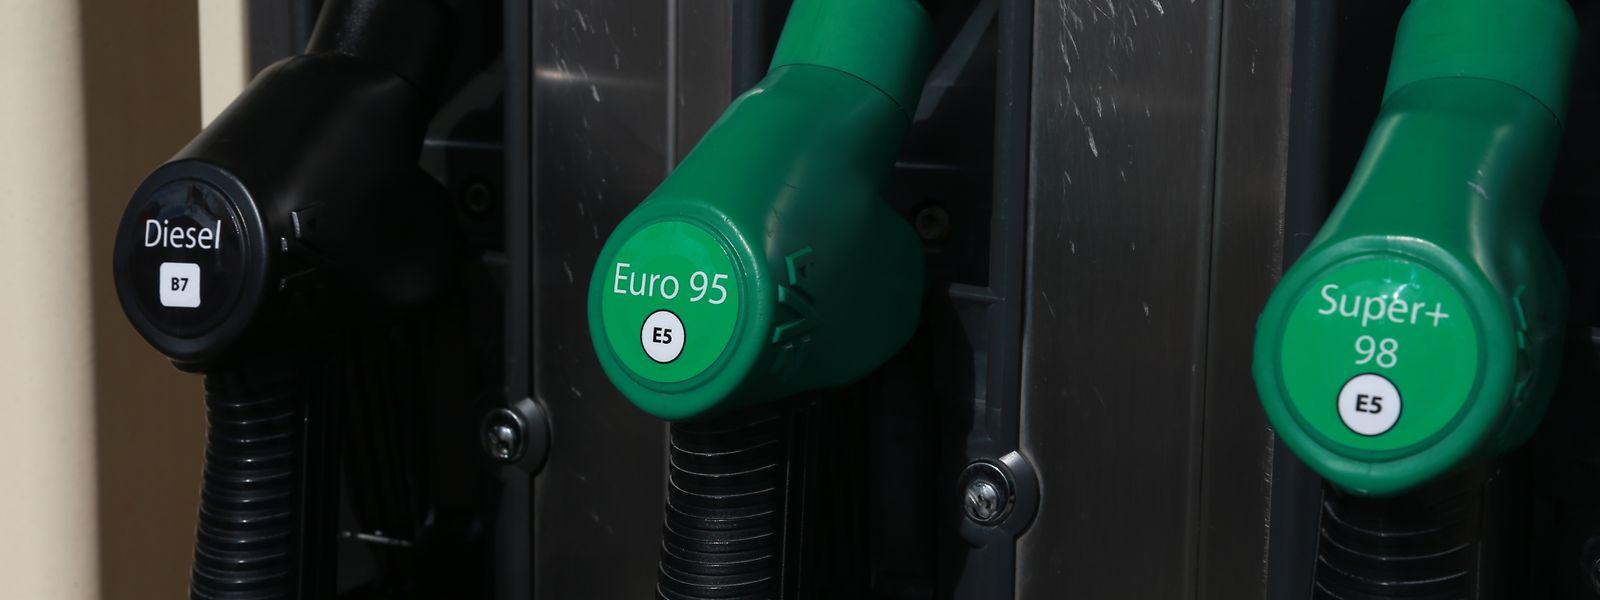 Volltanken wird ab Mitternacht vor allem für Fahrer von Benzinern teurer.